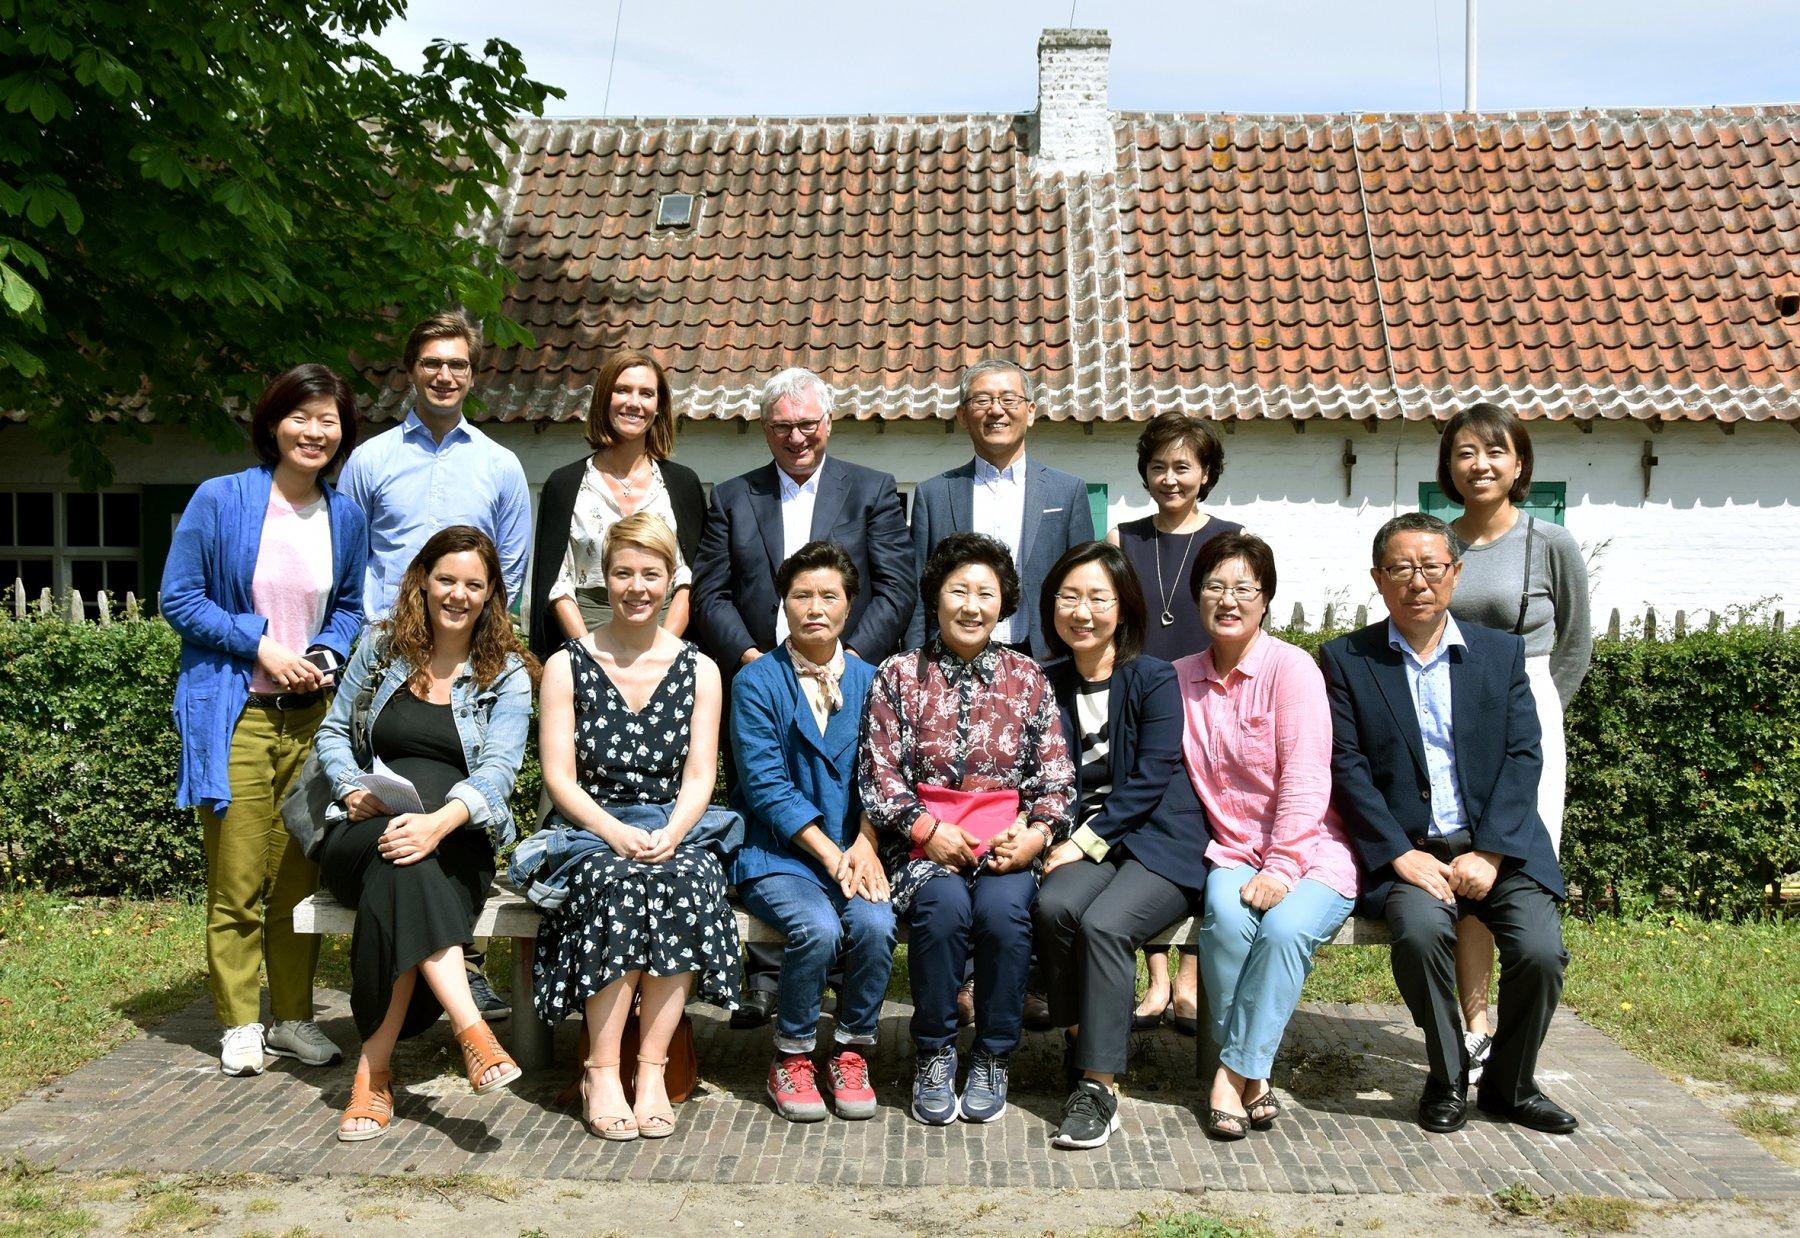 Groepsfoto met burgemeester Marc Vanden Bussche, zijn echtgenote Griet Van Waes, zijn zoon Simon Vanden Bussche en de Koreaanse delegatie